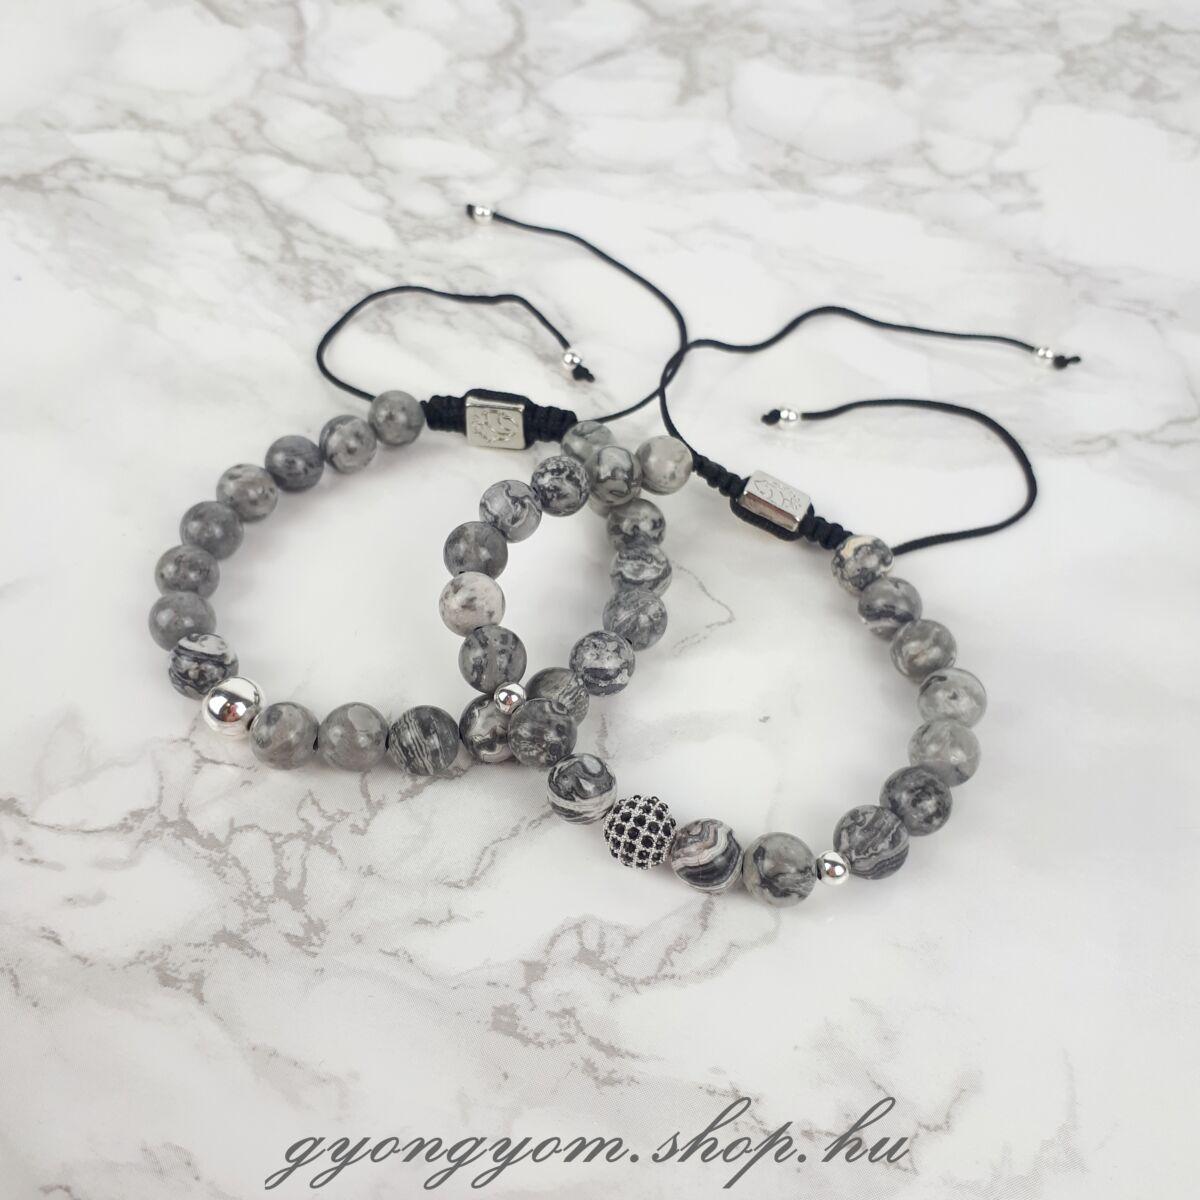 Marbre ezüst színű márvány gyöngyös karkötő